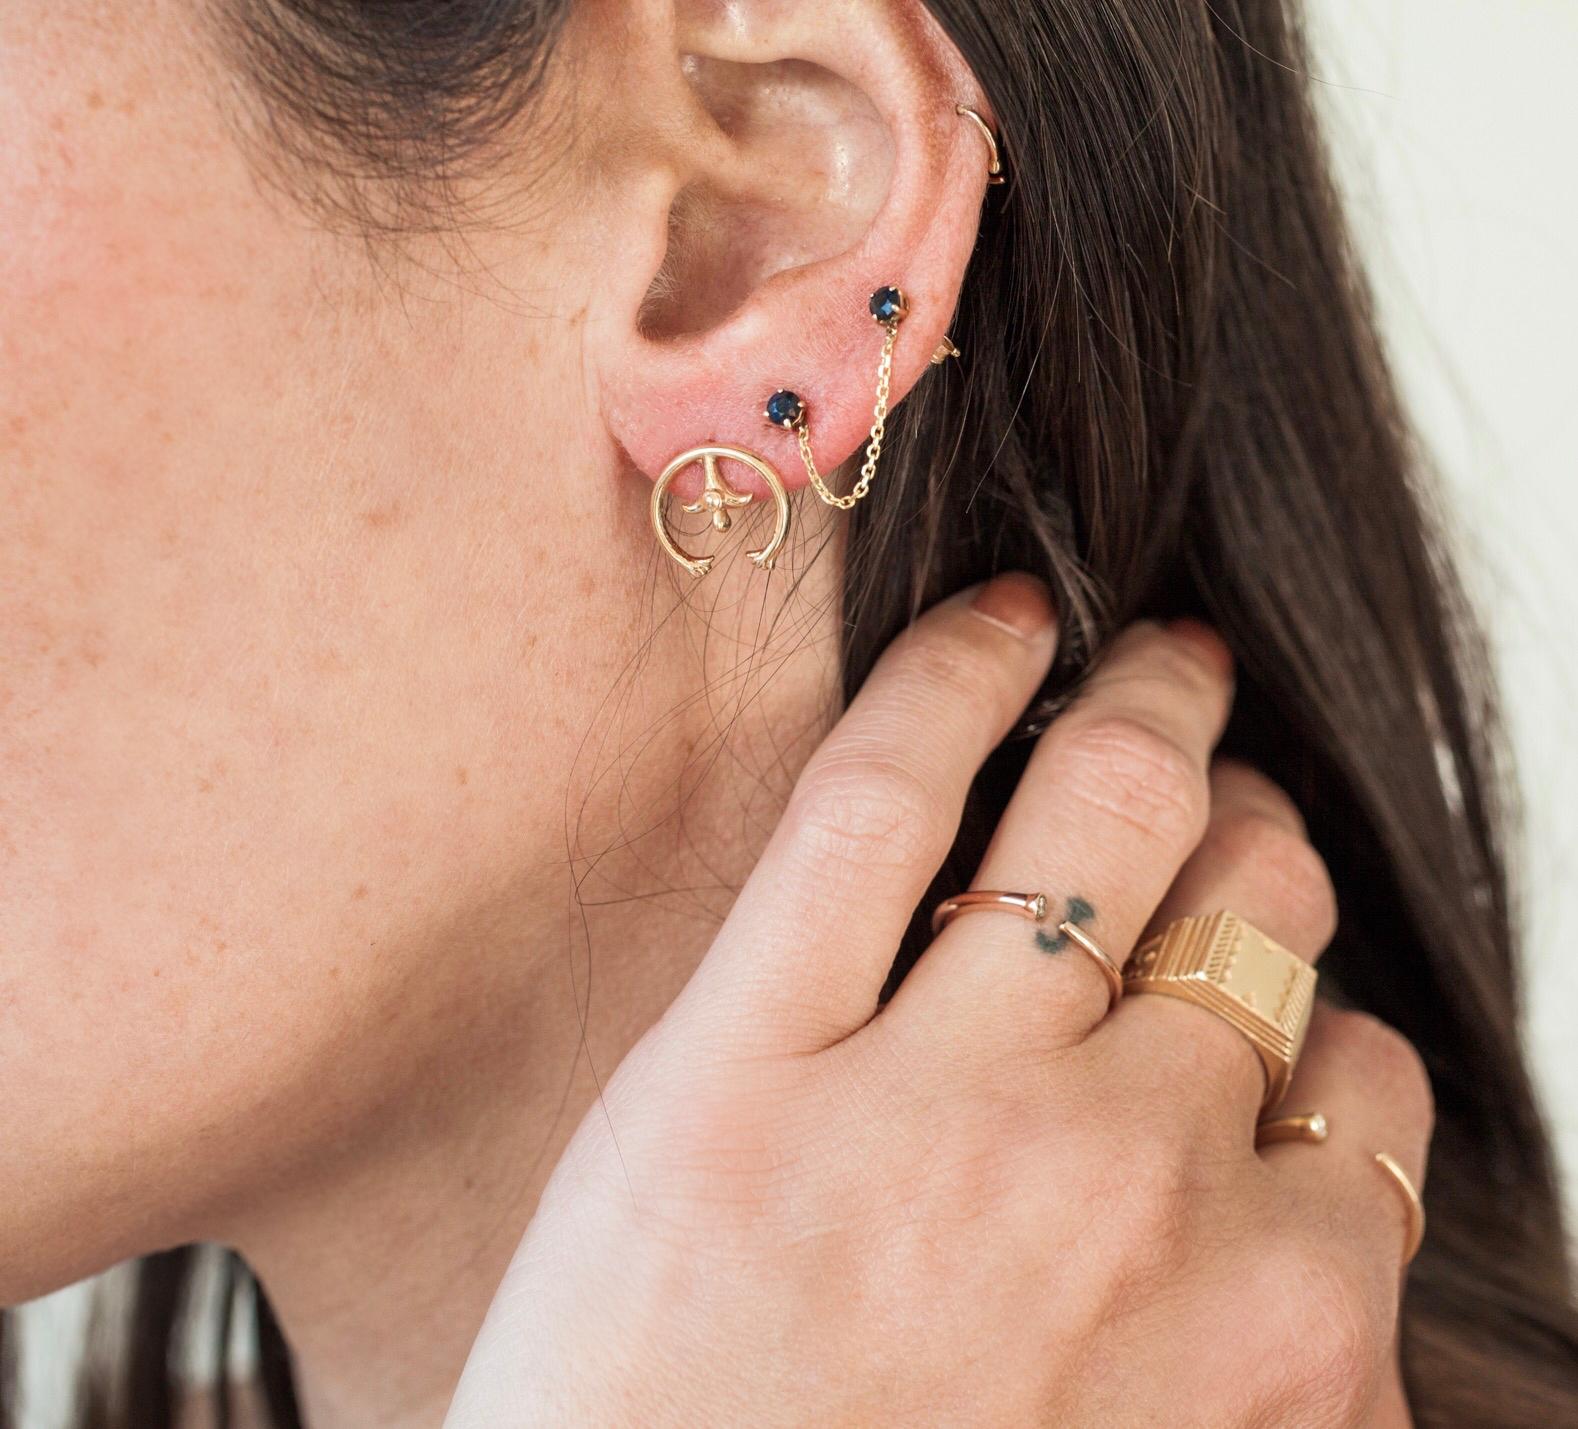 Earrings and rings 6.jpeg